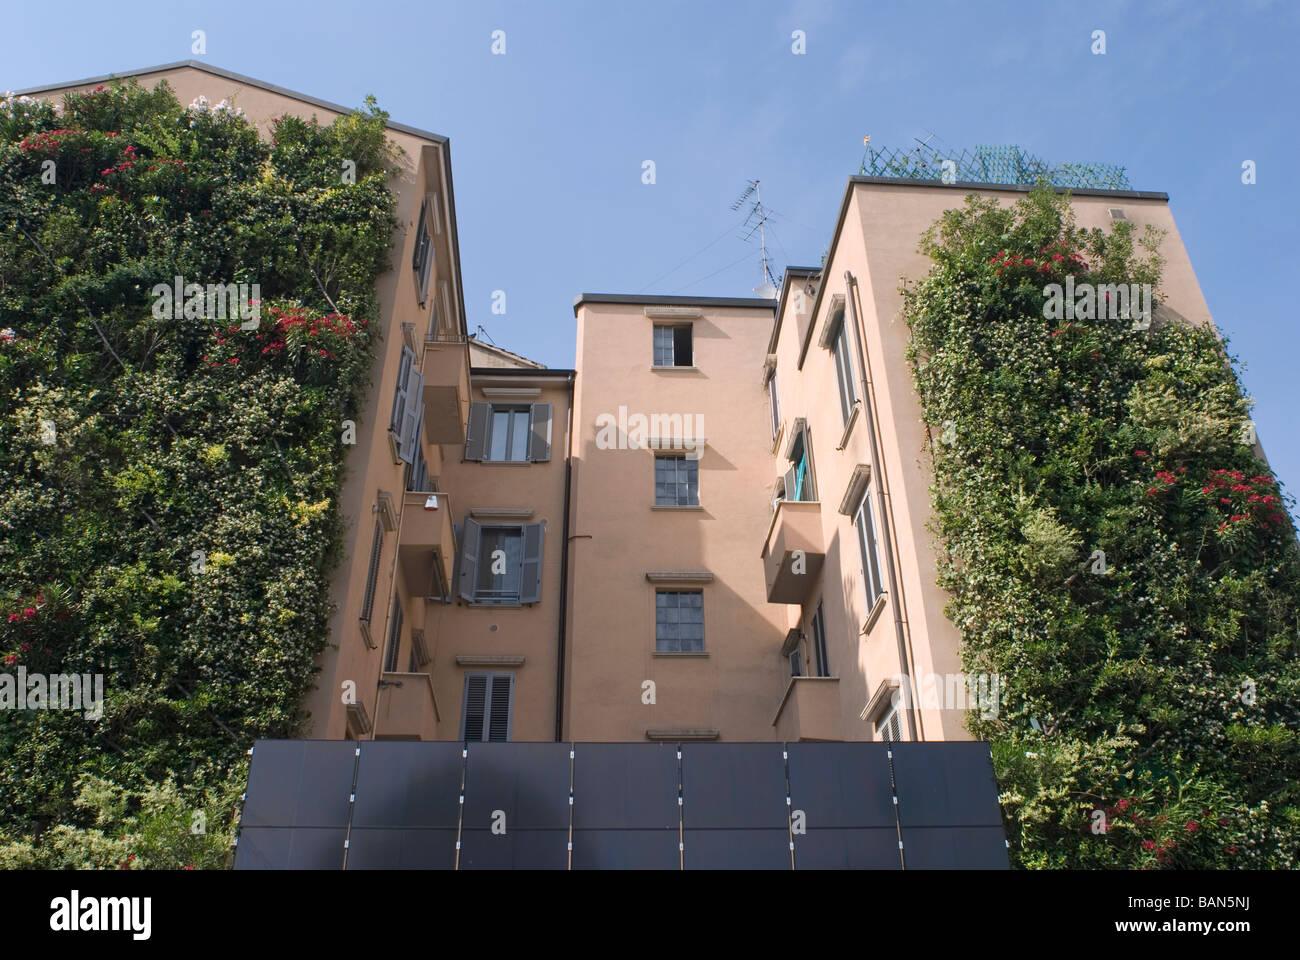 Giardino verticale milano italia foto & immagine stock: 23822446 alamy